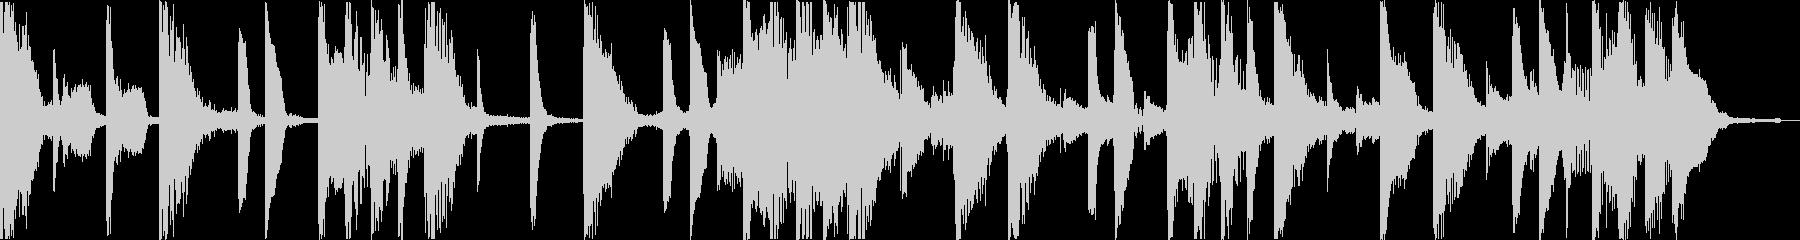 おしゃれ洋楽ヒップホップR&Bソウルfの未再生の波形